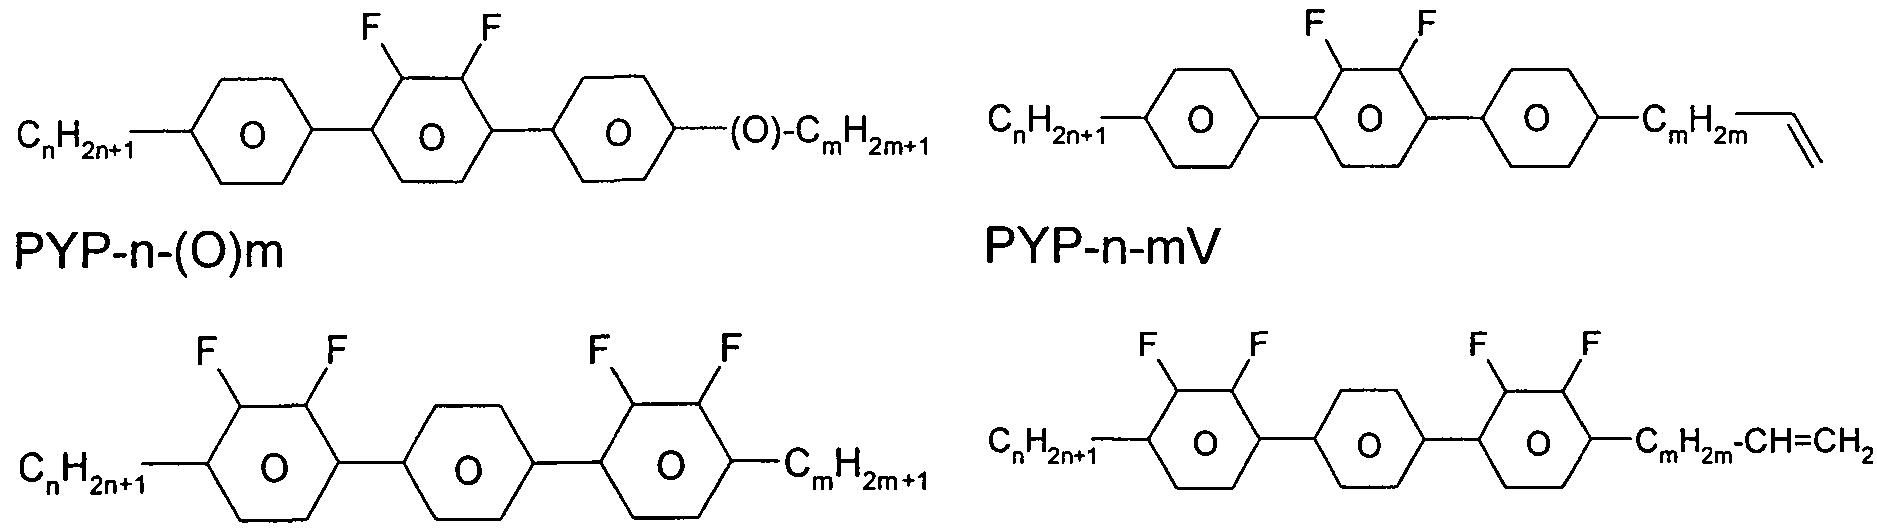 Figure imgf000112_0007